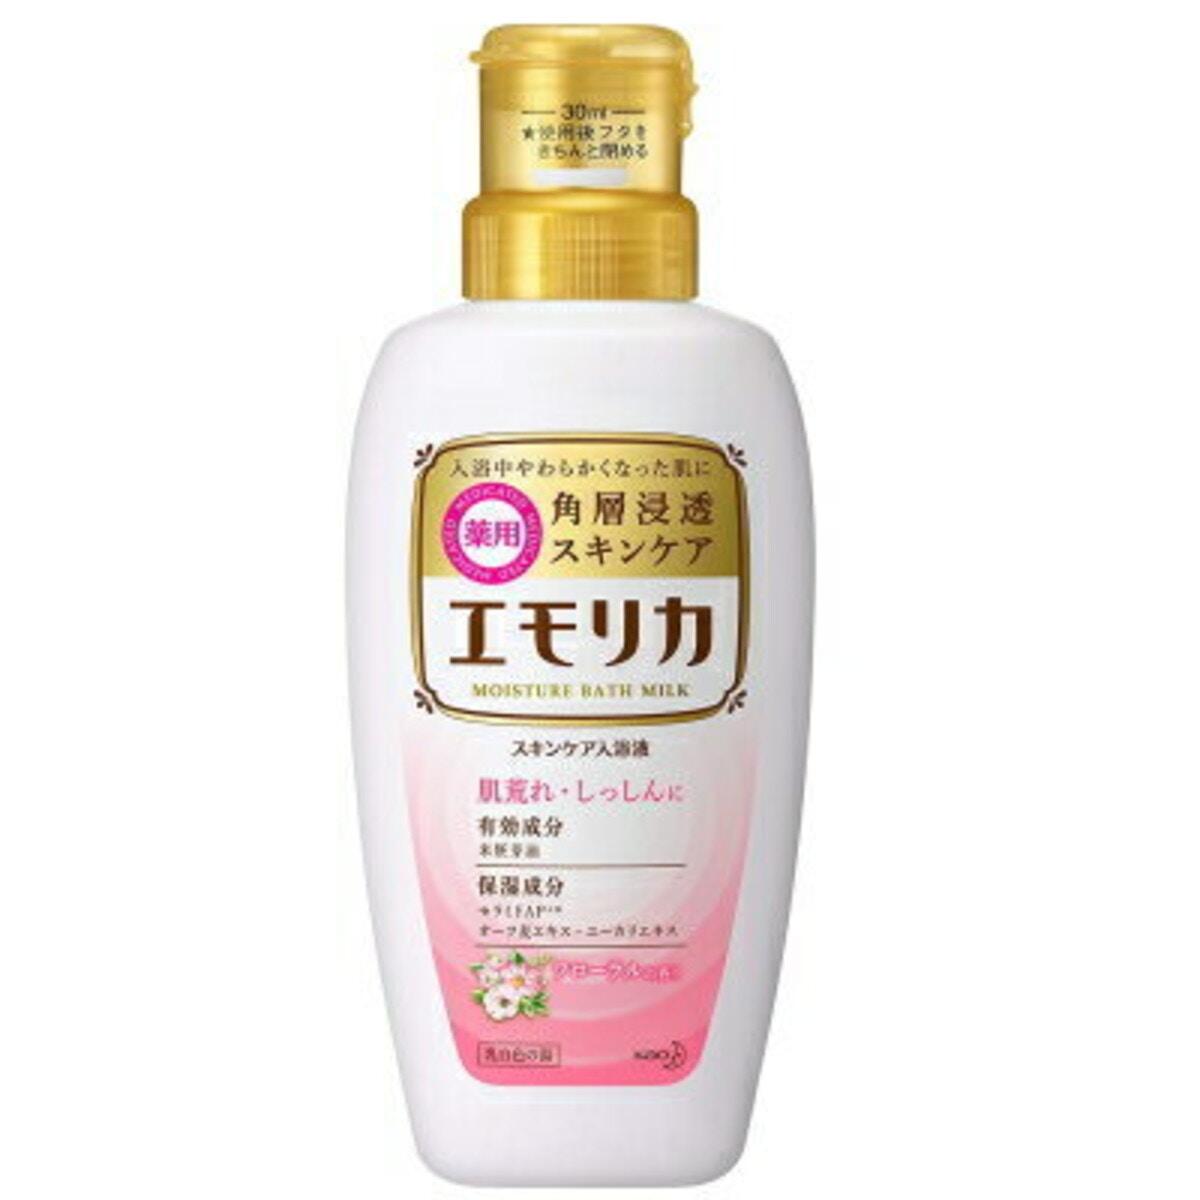 エモリカ 薬用スキンケア入浴液 フローラルの香り 450ml